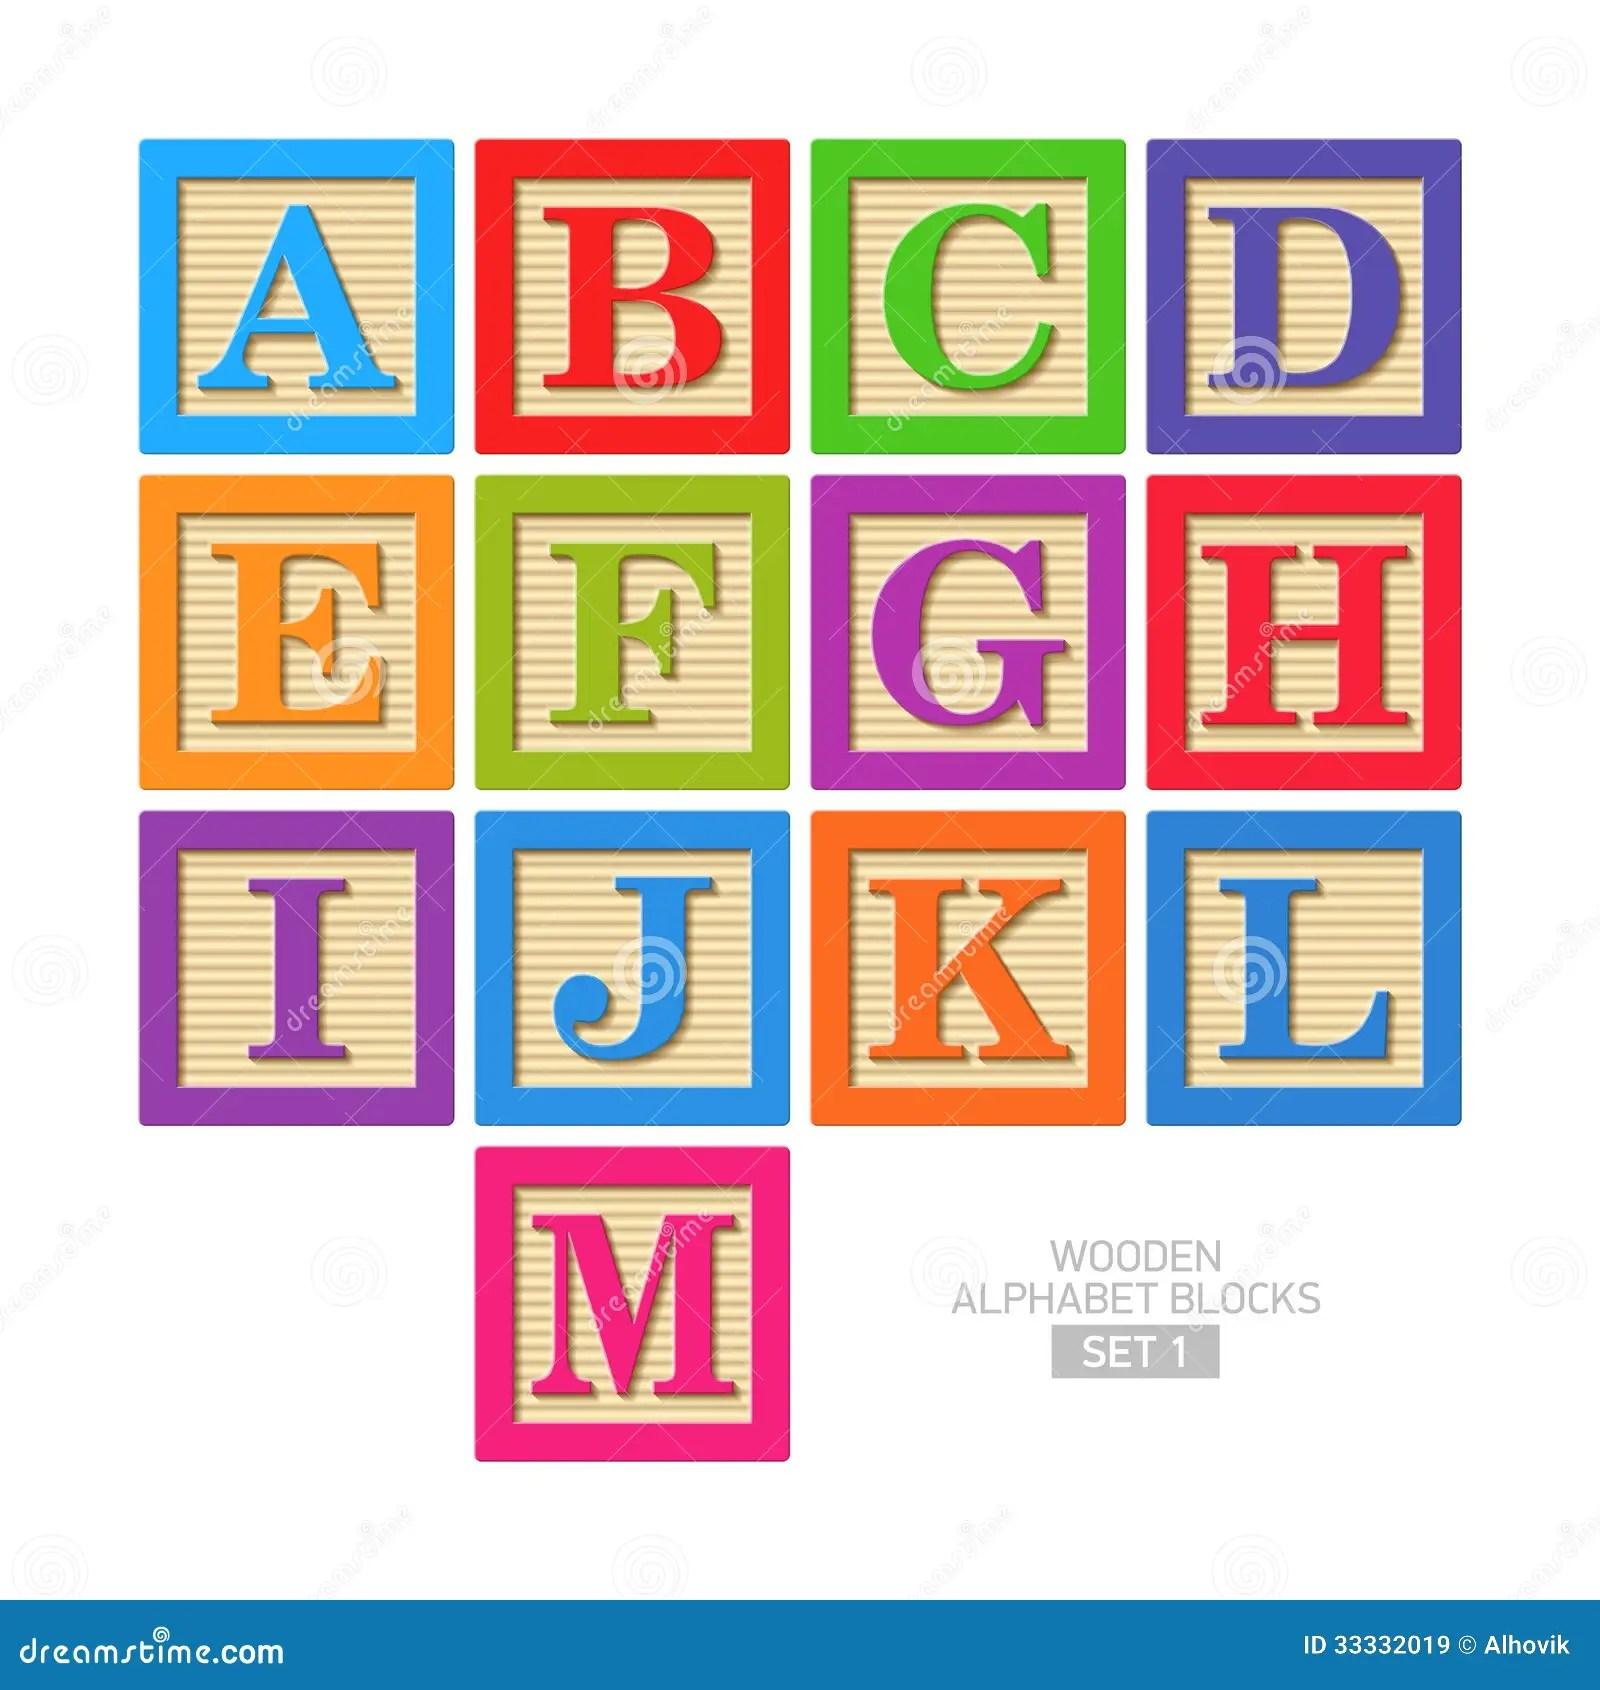 Wooden Alphabet Blocks Stock Vector Illustration Of